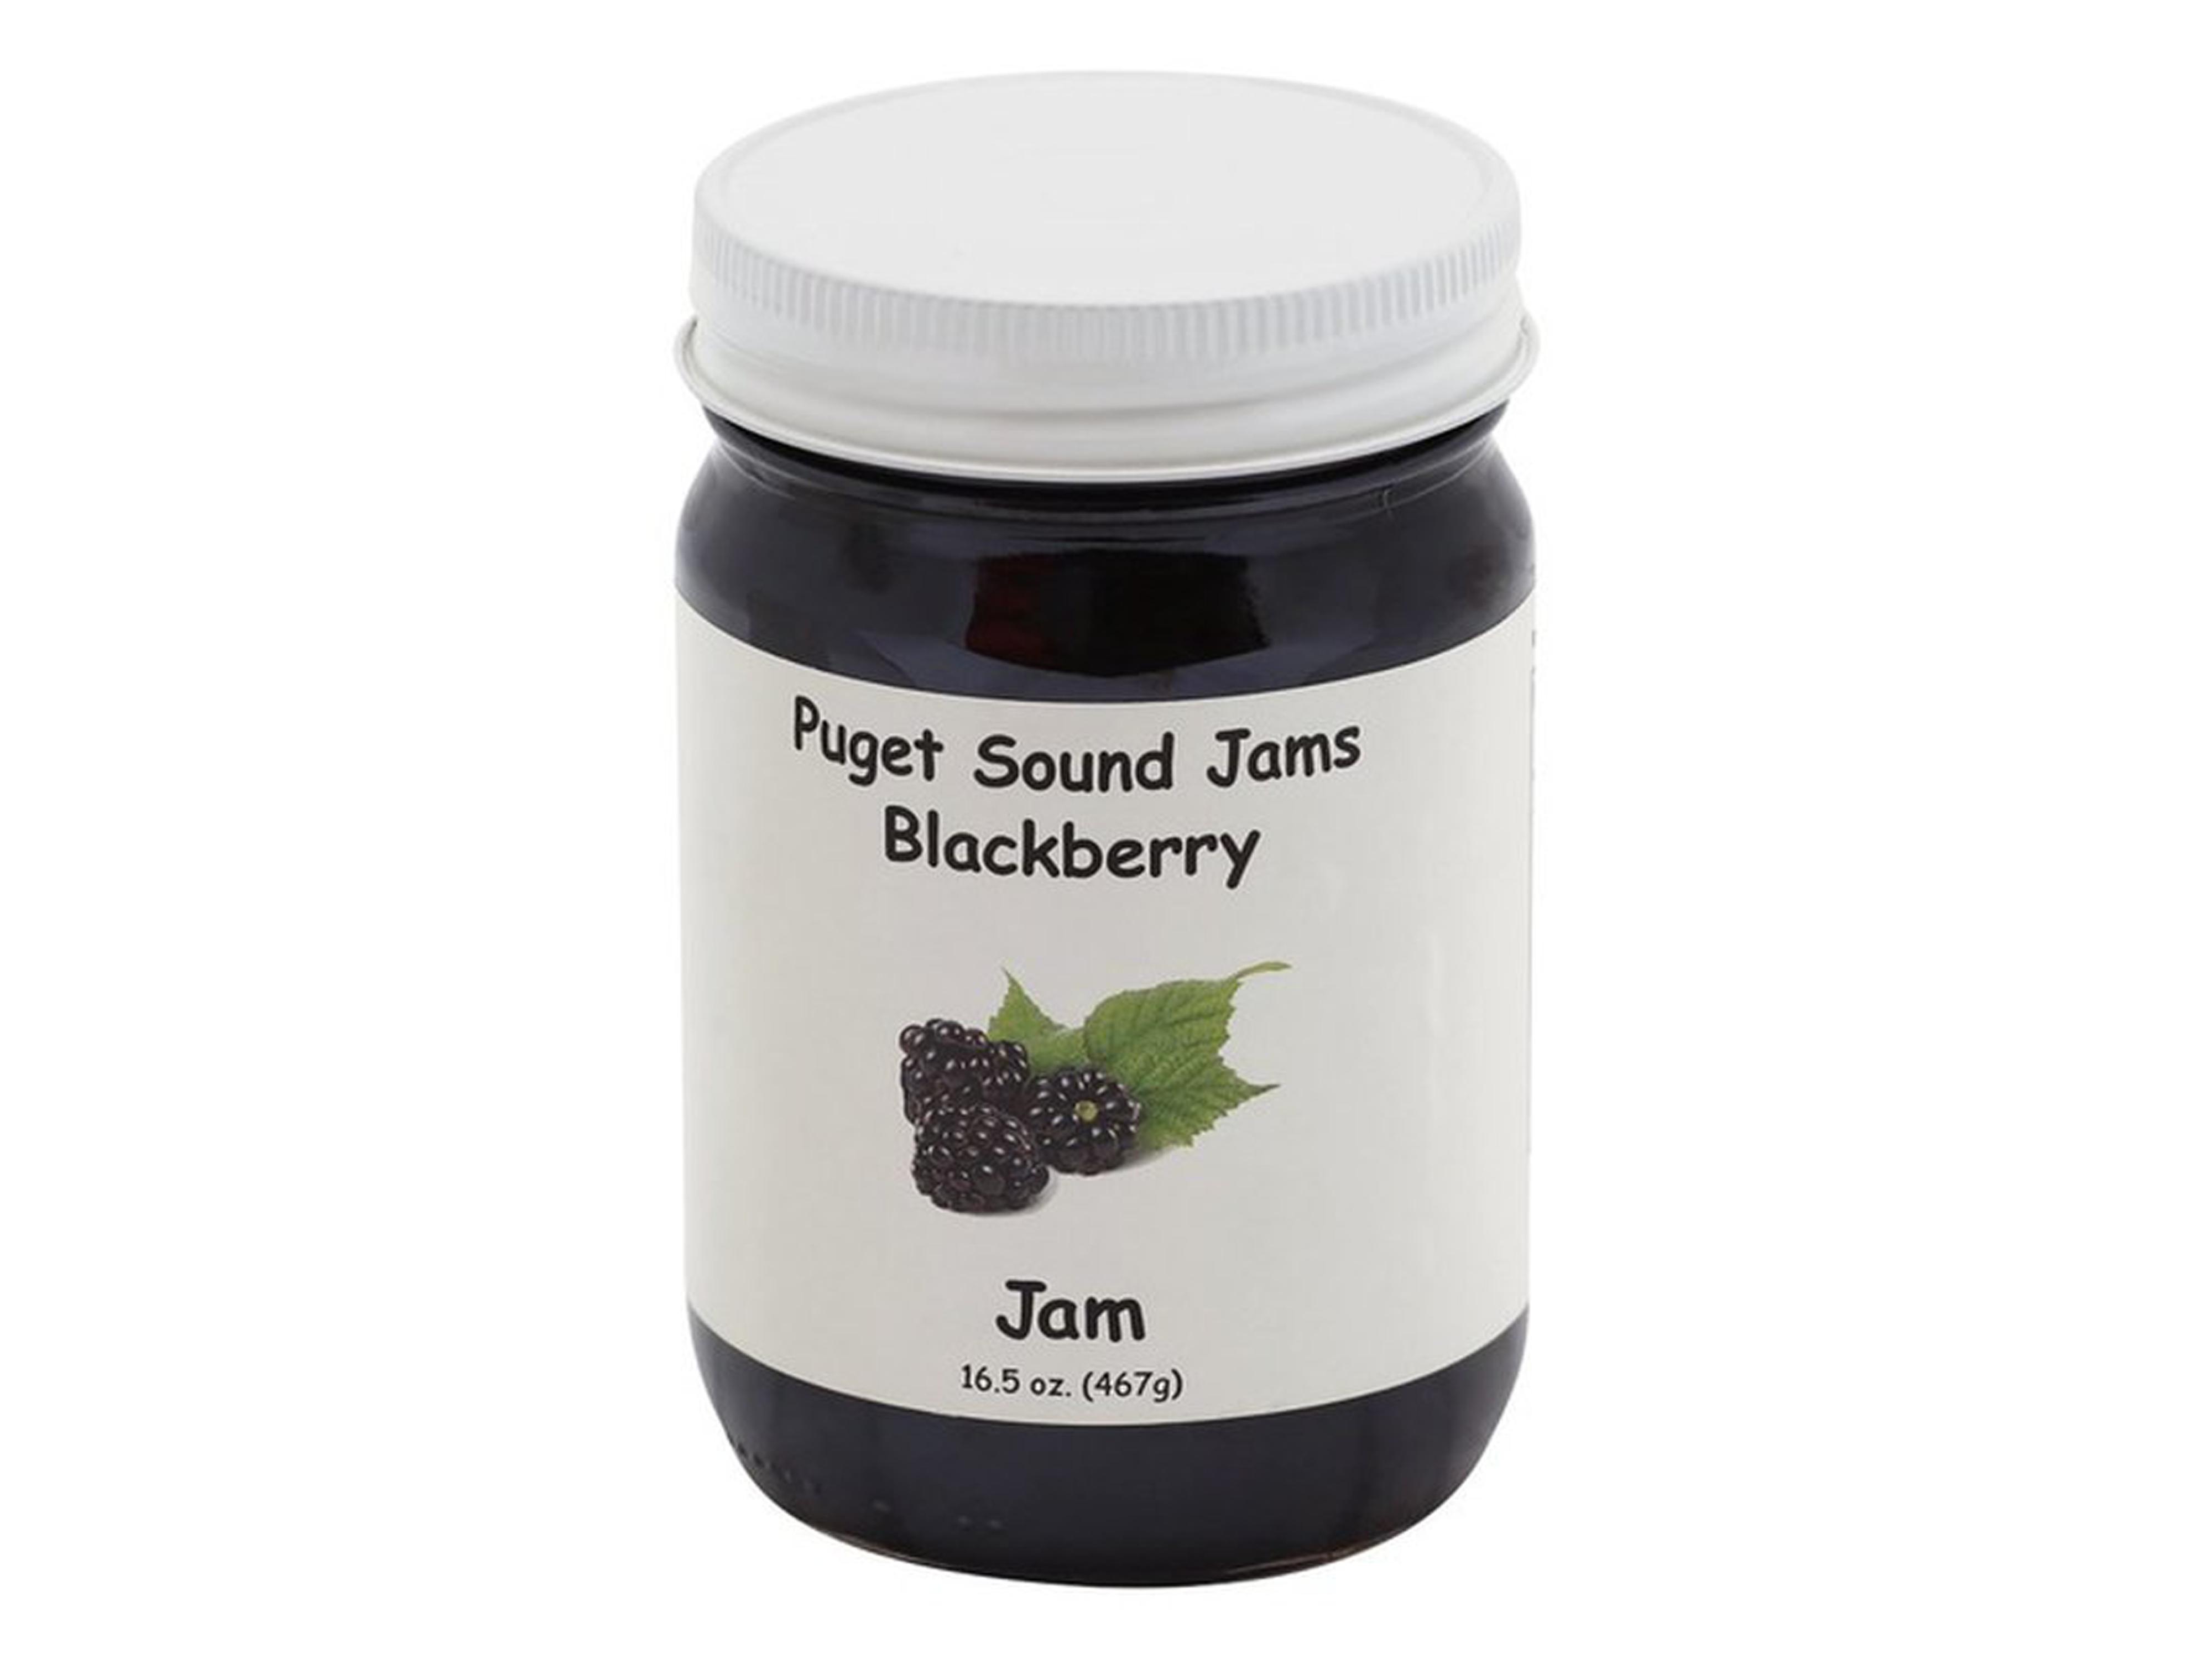 puget-sounds-blackberry